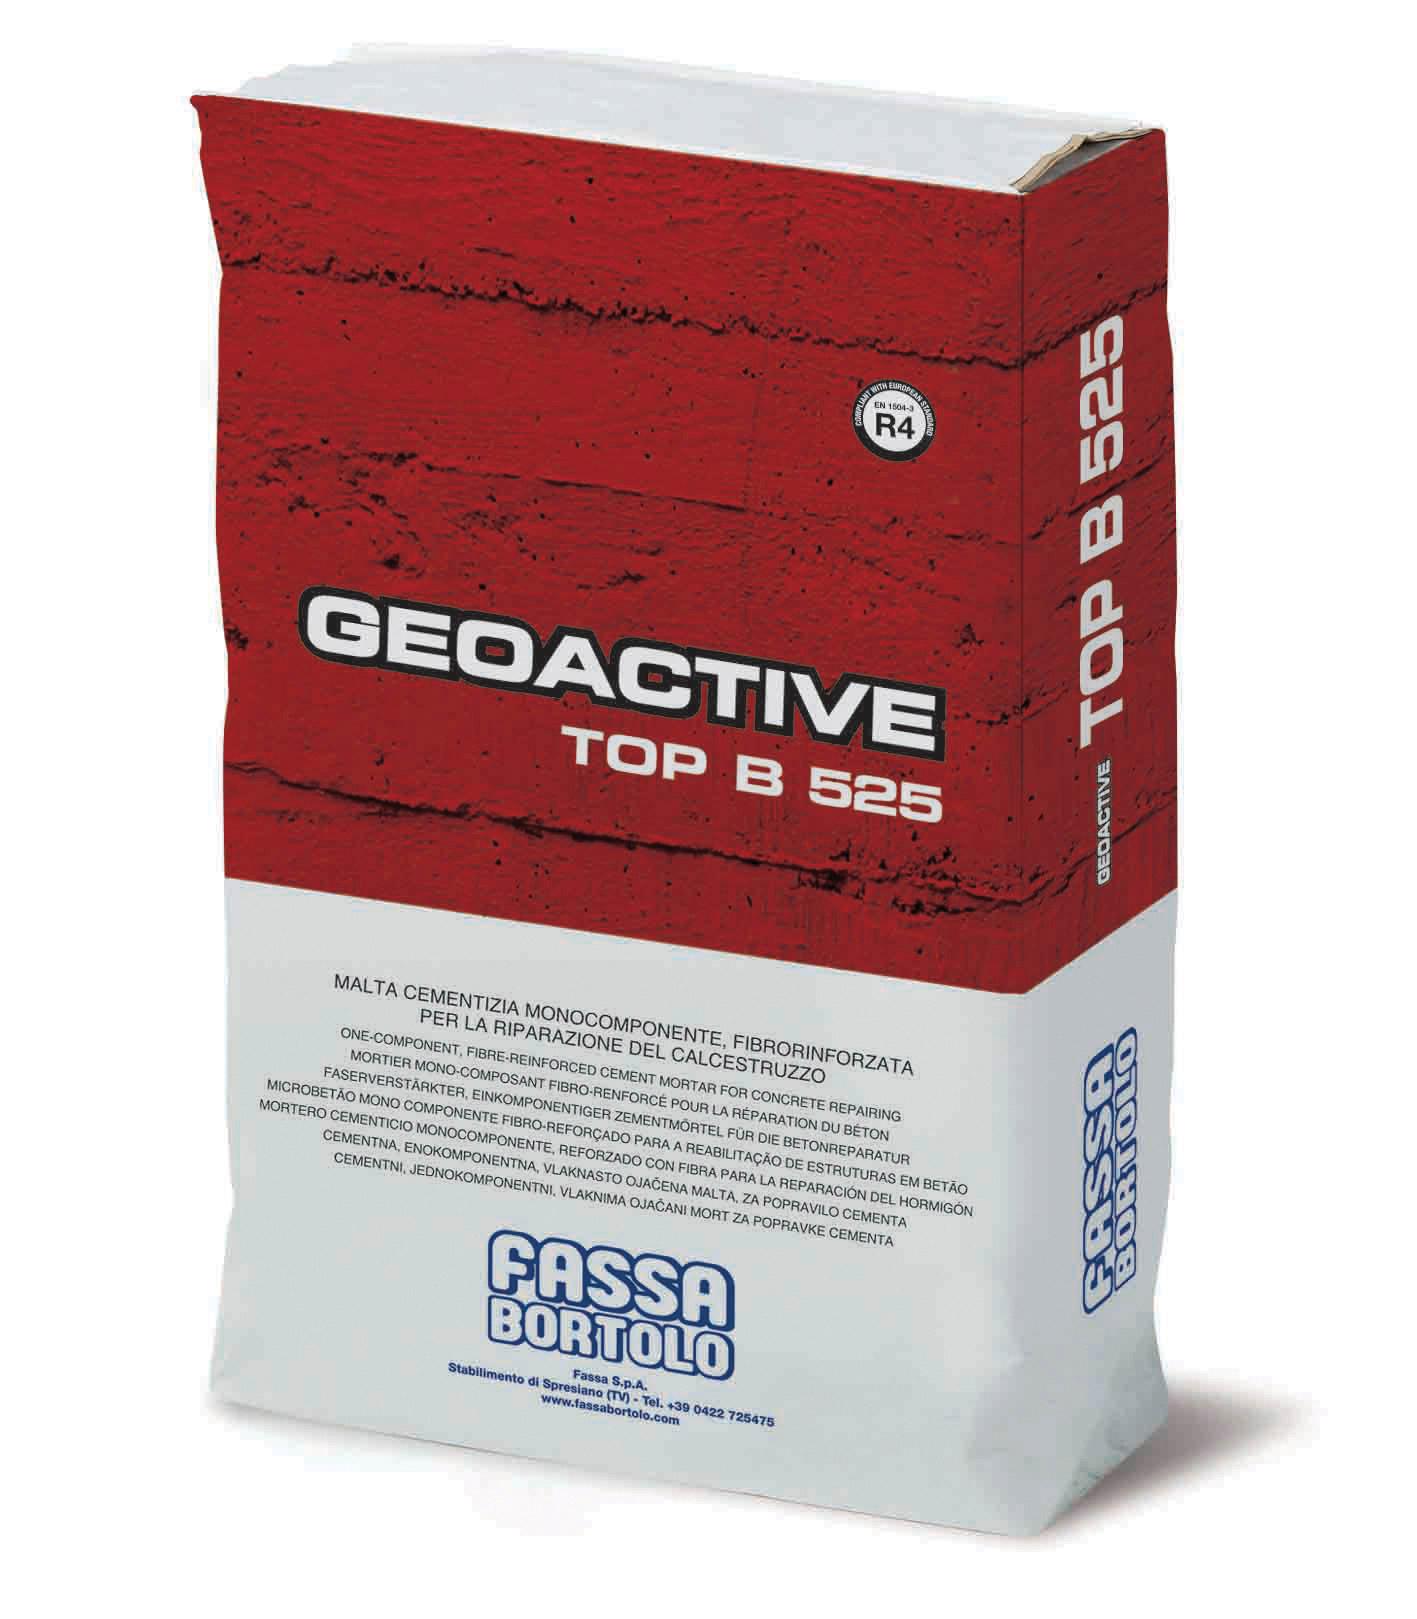 GEOACTIVE TOP B 525: Mortero cementoso monocomponente, tixotrópico, reforzado con fibras, de retracción compensada, proyectable, con cemento resistente a los sulfatos, para la reparación y reconstrucción de estructuras de hormigón